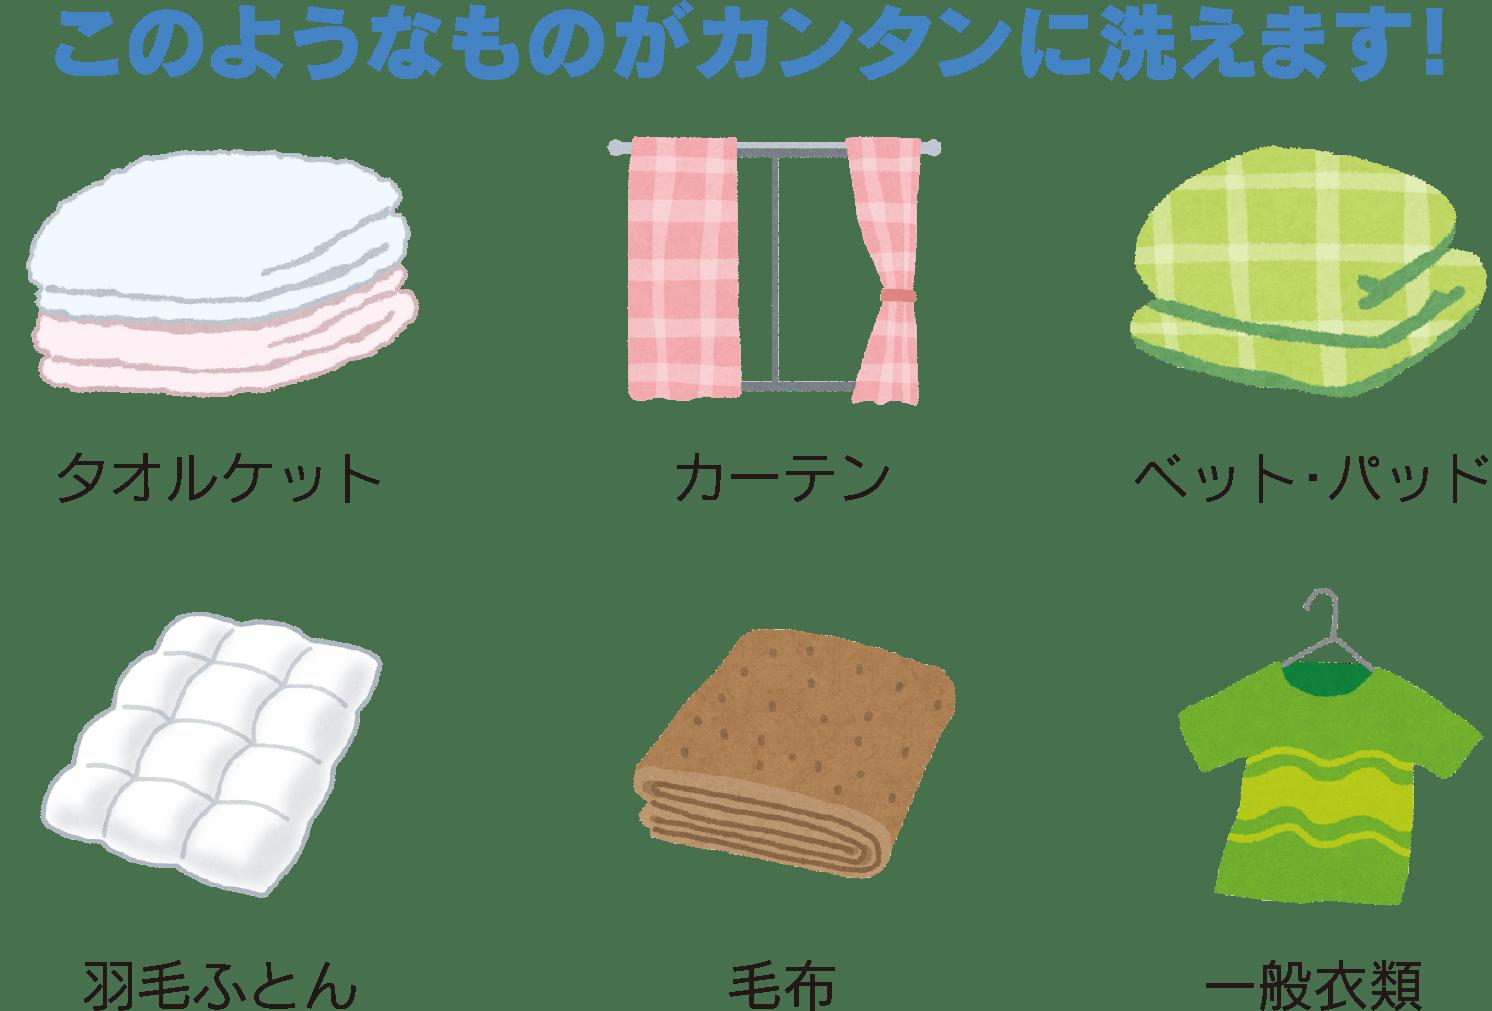 このようなものがカンタンに洗えます! タオルケット カーテン ベッド・バット 羽毛ふとん 毛布 一般衣類